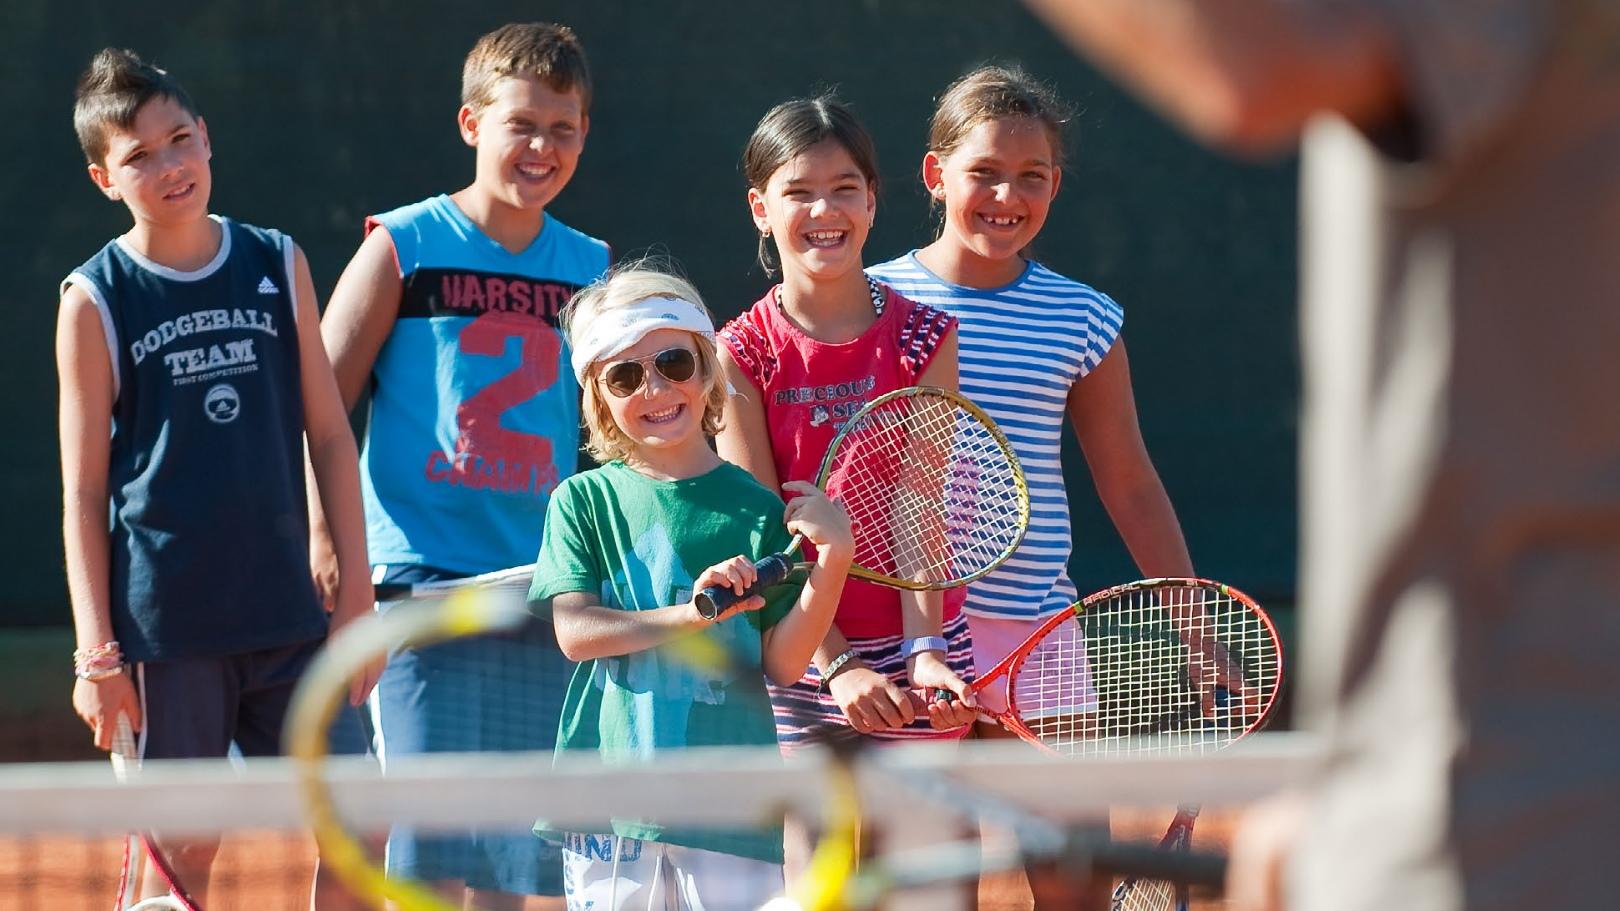 https://www.chialagunaresort.com/wp-content/uploads/2021/05/IHC_Chia-Laguna-Resort_grid_kids_tennis.jpg